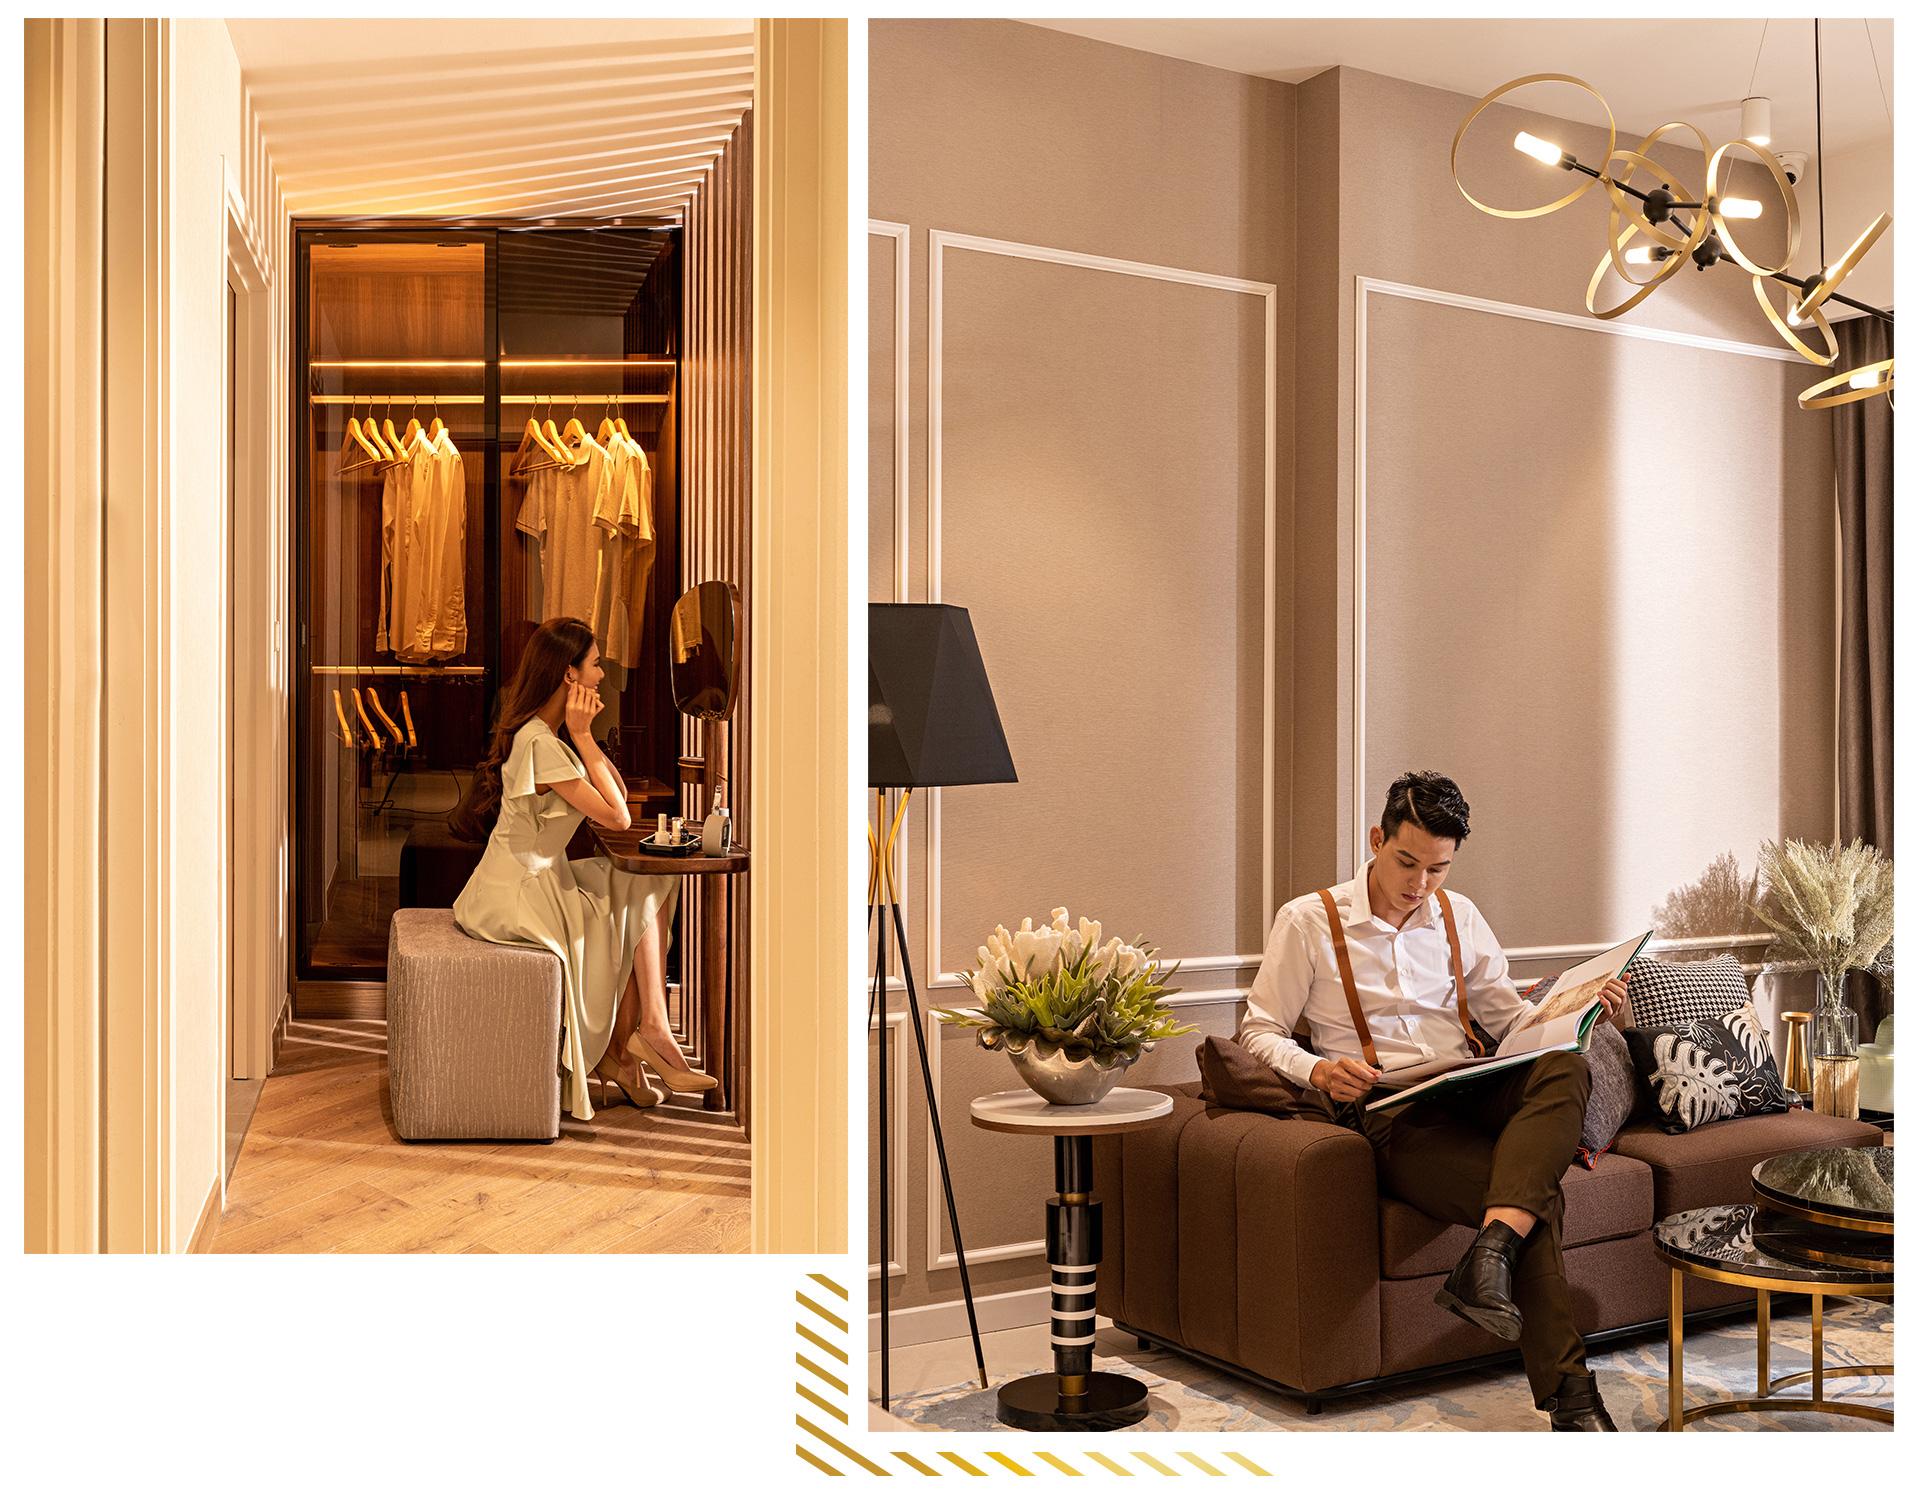 Anderson Park - căn hộ chuẩn hạng phòng Suite 5 sao đã sẵn sàng trình làng - Ảnh 2.